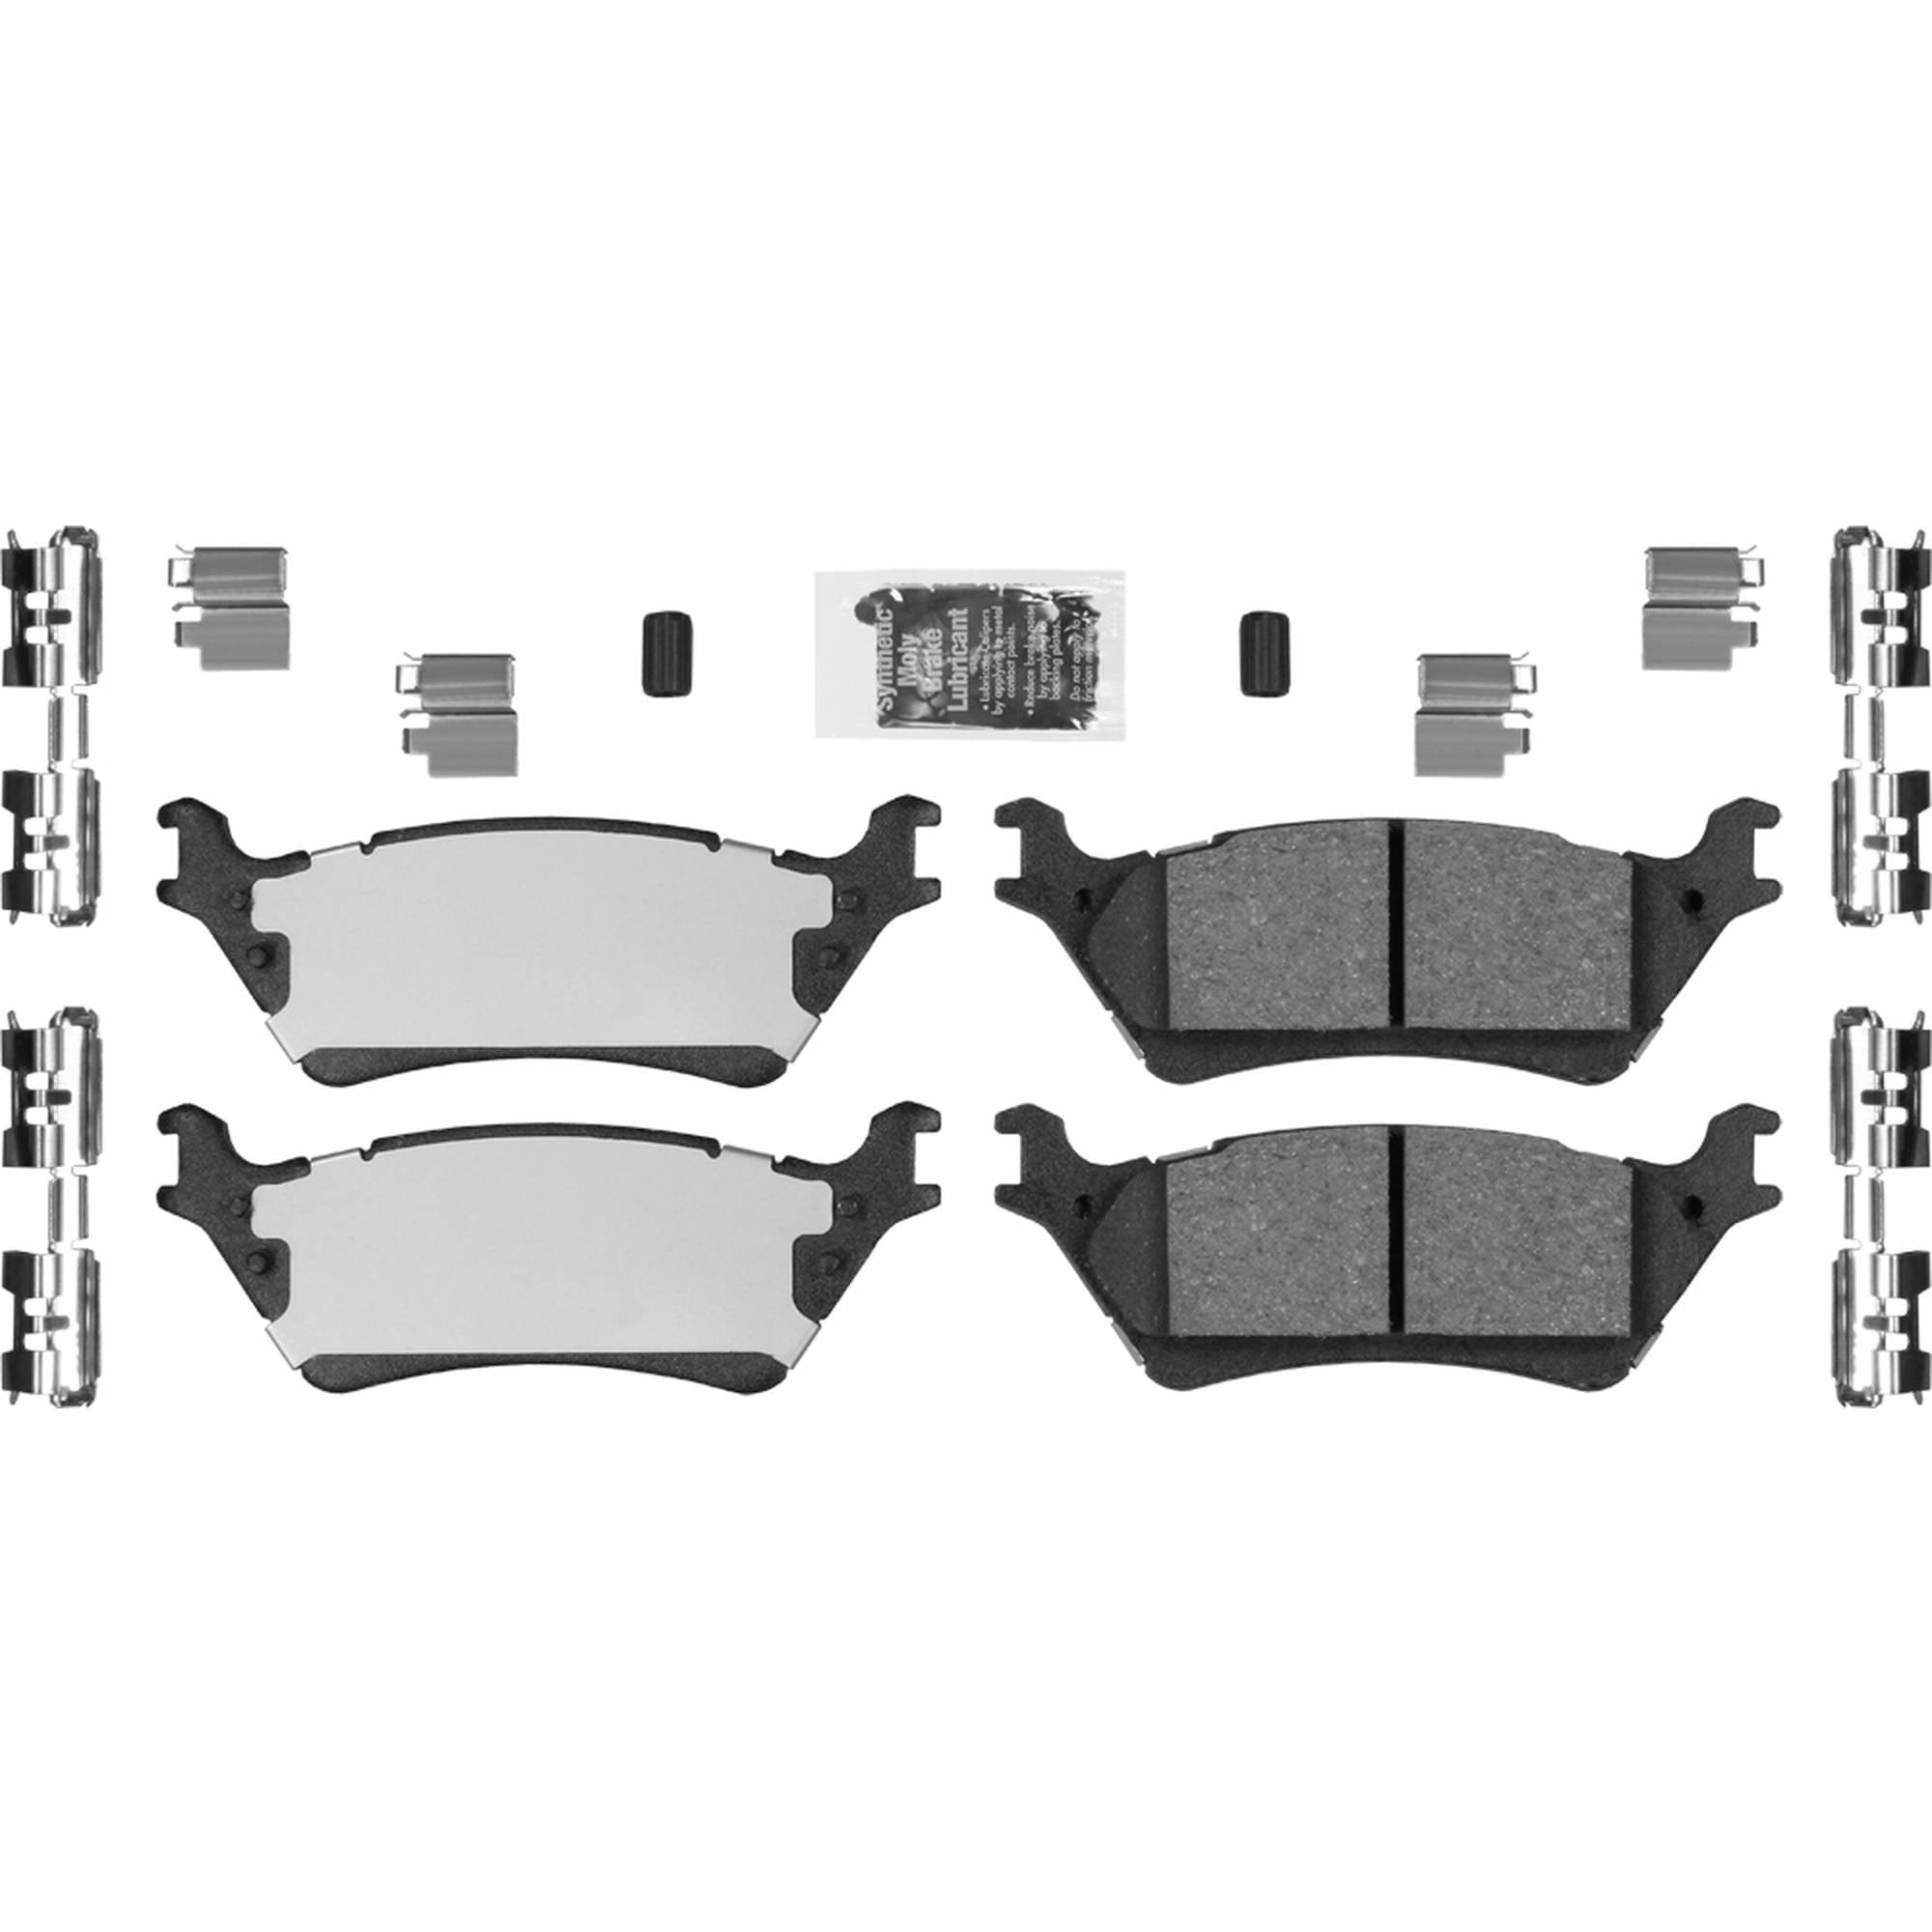 VGX Premium Complete Brake Kit, VP1602K